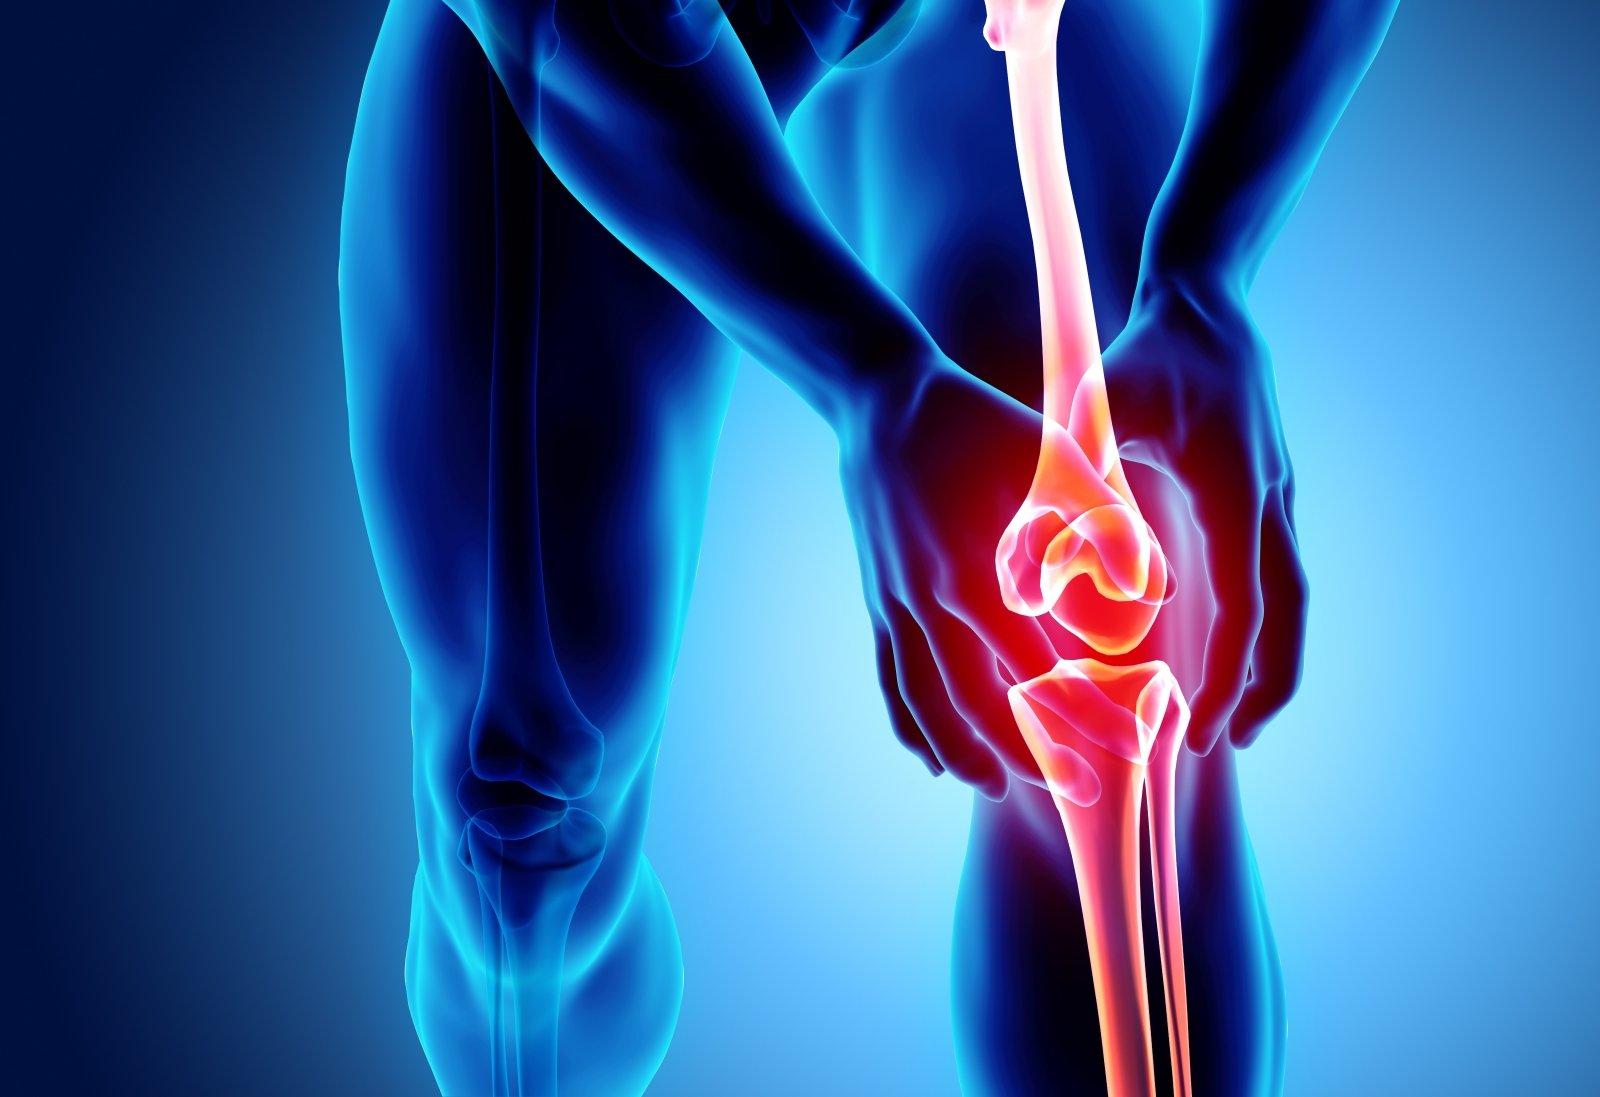 kaip parengti bendrą po artrozės skauda peties sąnario kur kreiptis